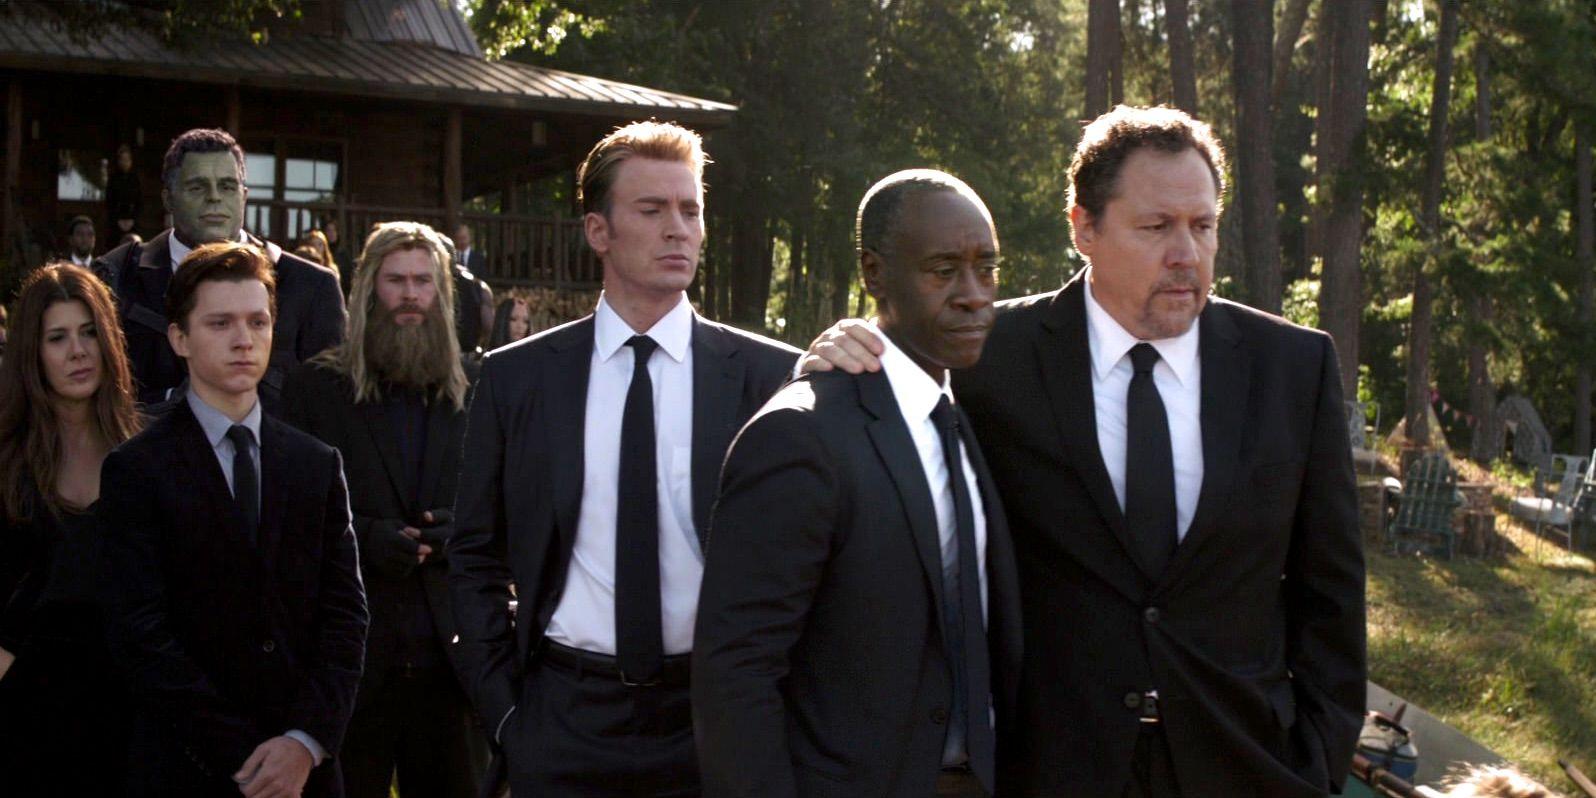 Tony Stark Attends Steve Rogers' Funeral In Avengers: Endgame Fan Art